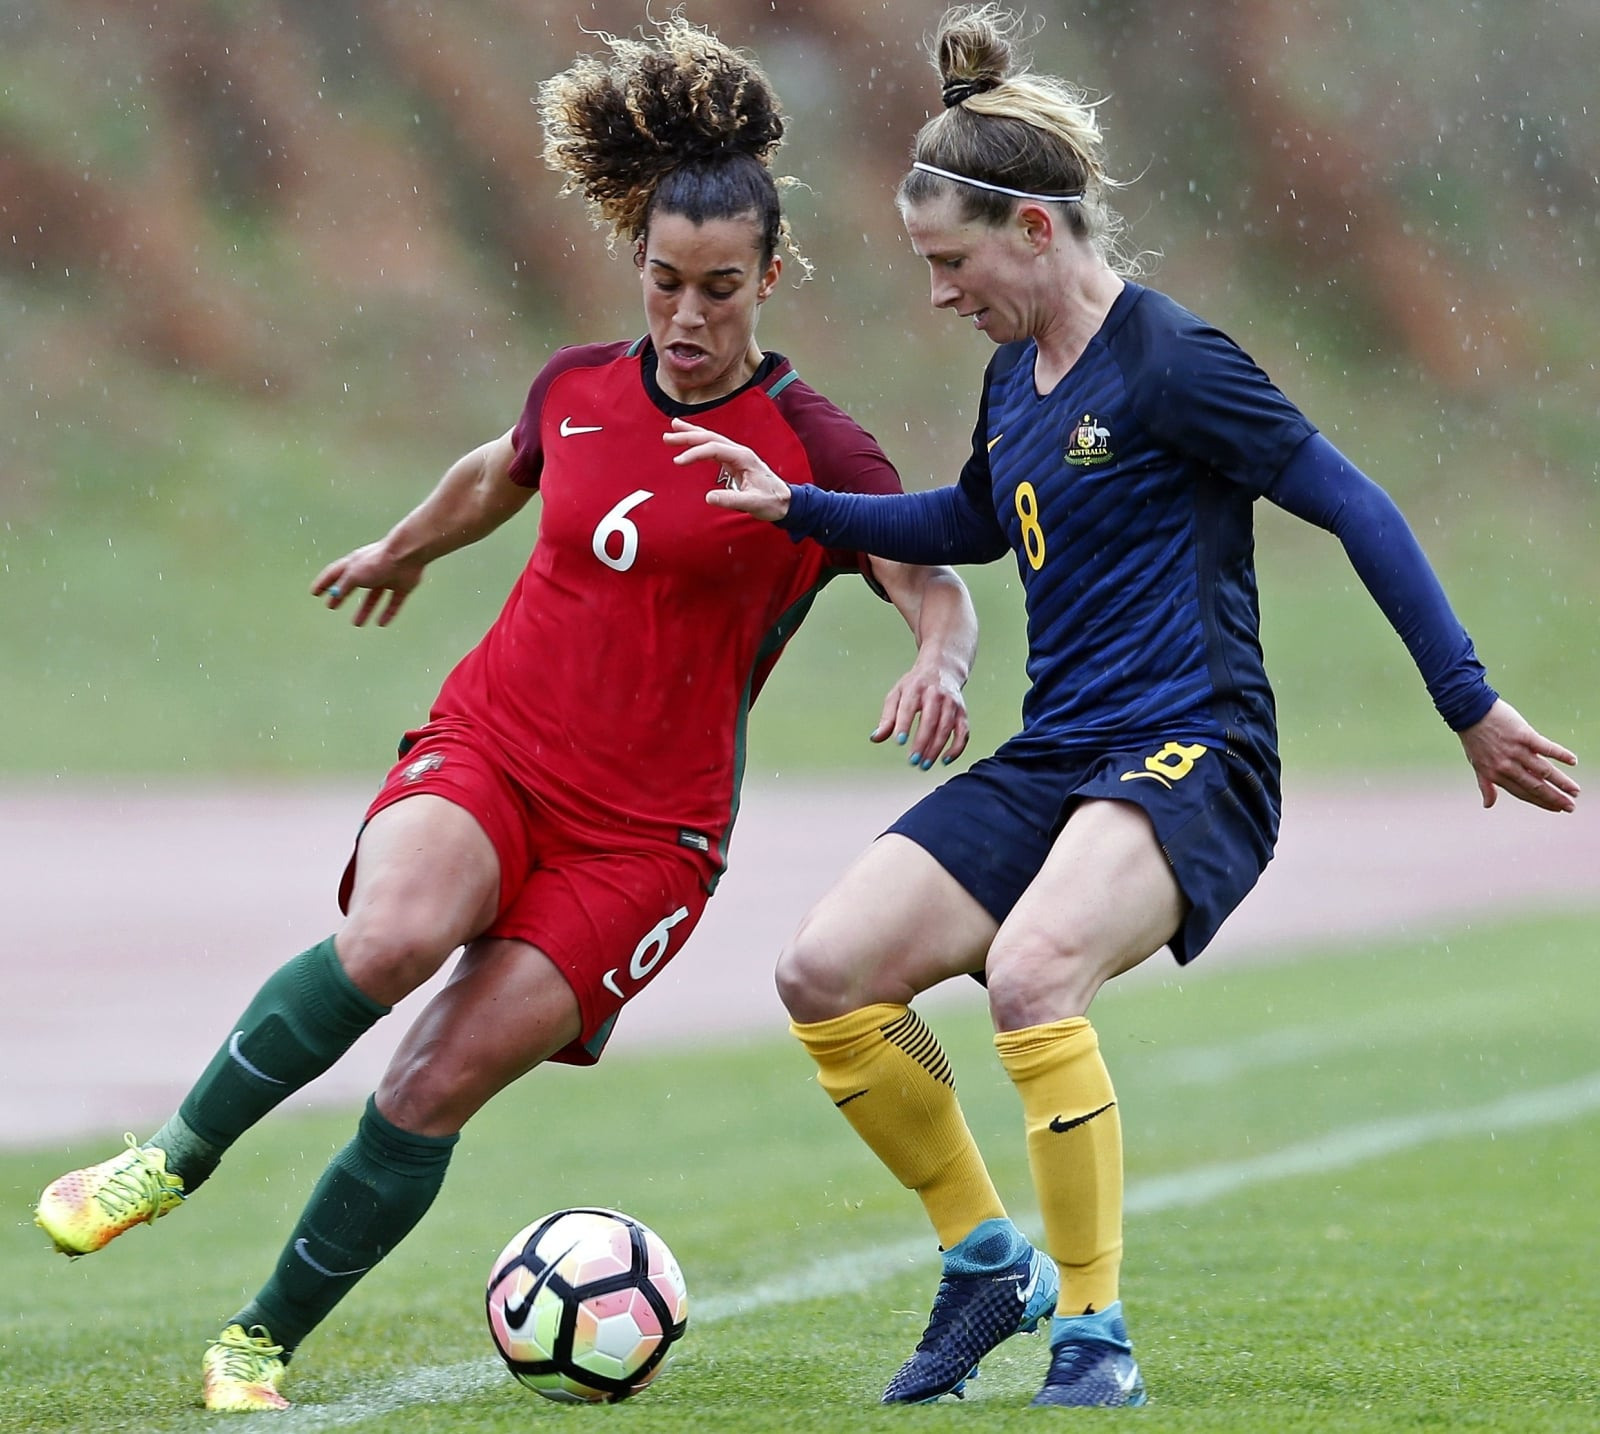 Soccer Algarve Cup 2018. fot. EPA/RICARDO NASCIMENTO